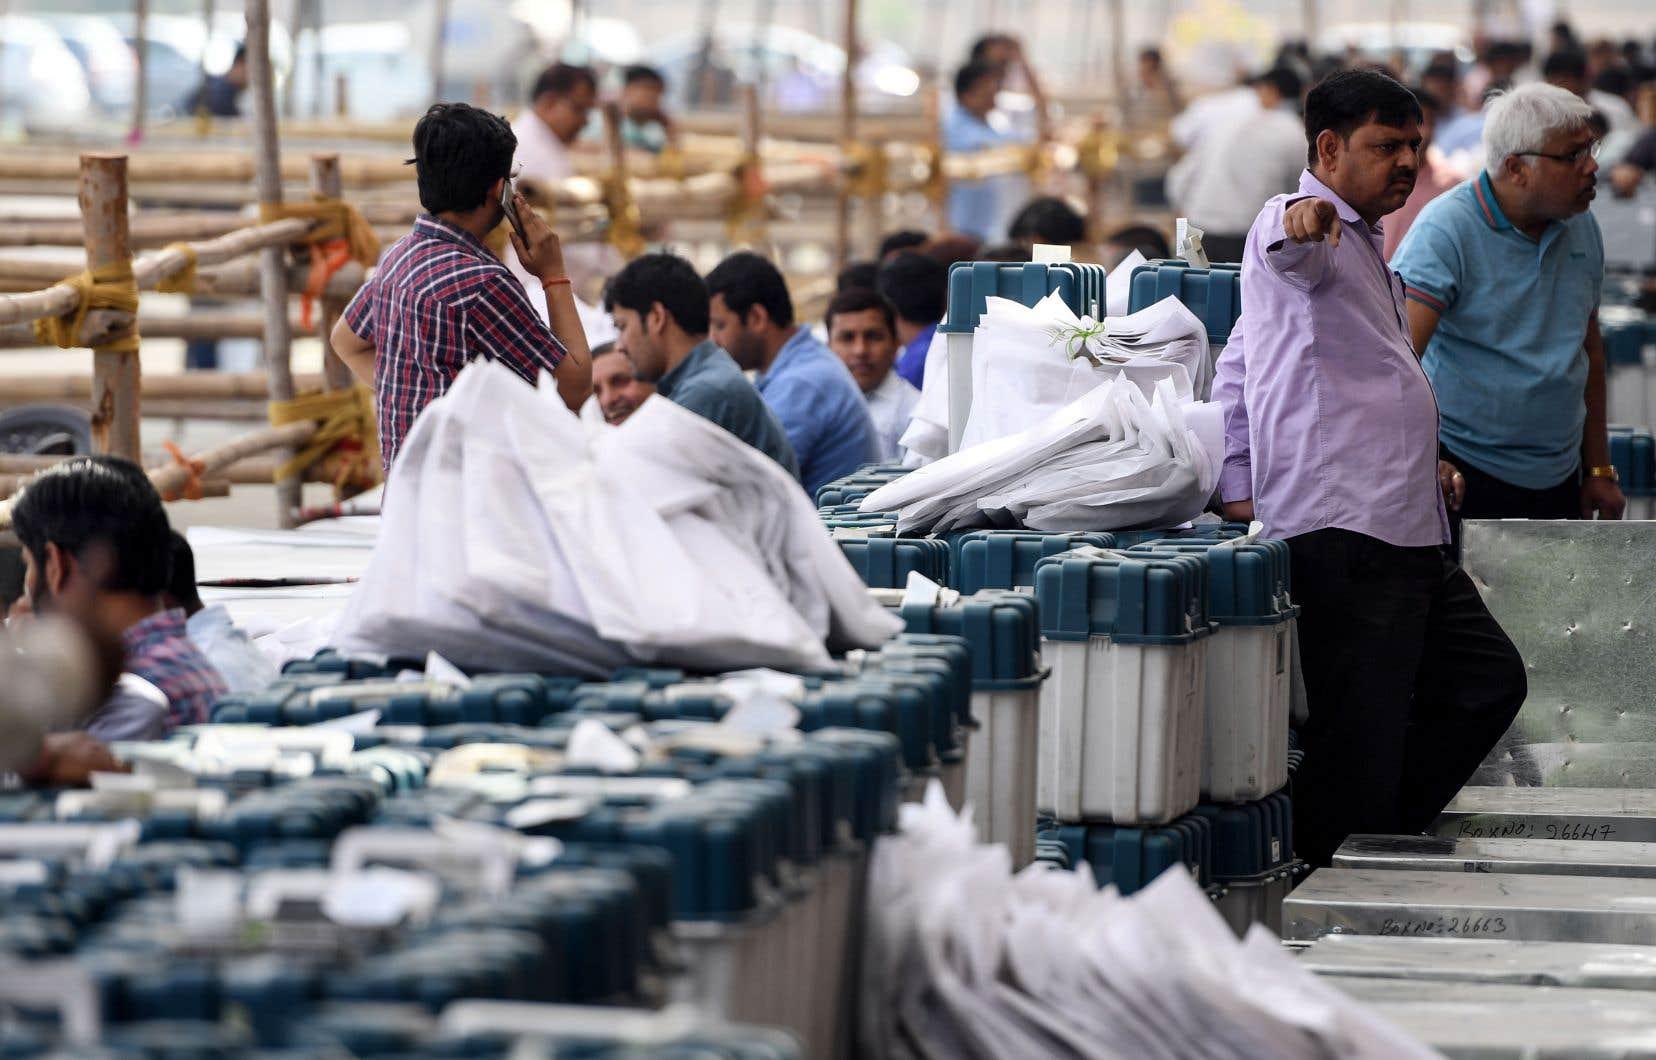 Mercredi, des agents des élections indiennes préparaient du matériel à Noida, tout près de New Delhi.